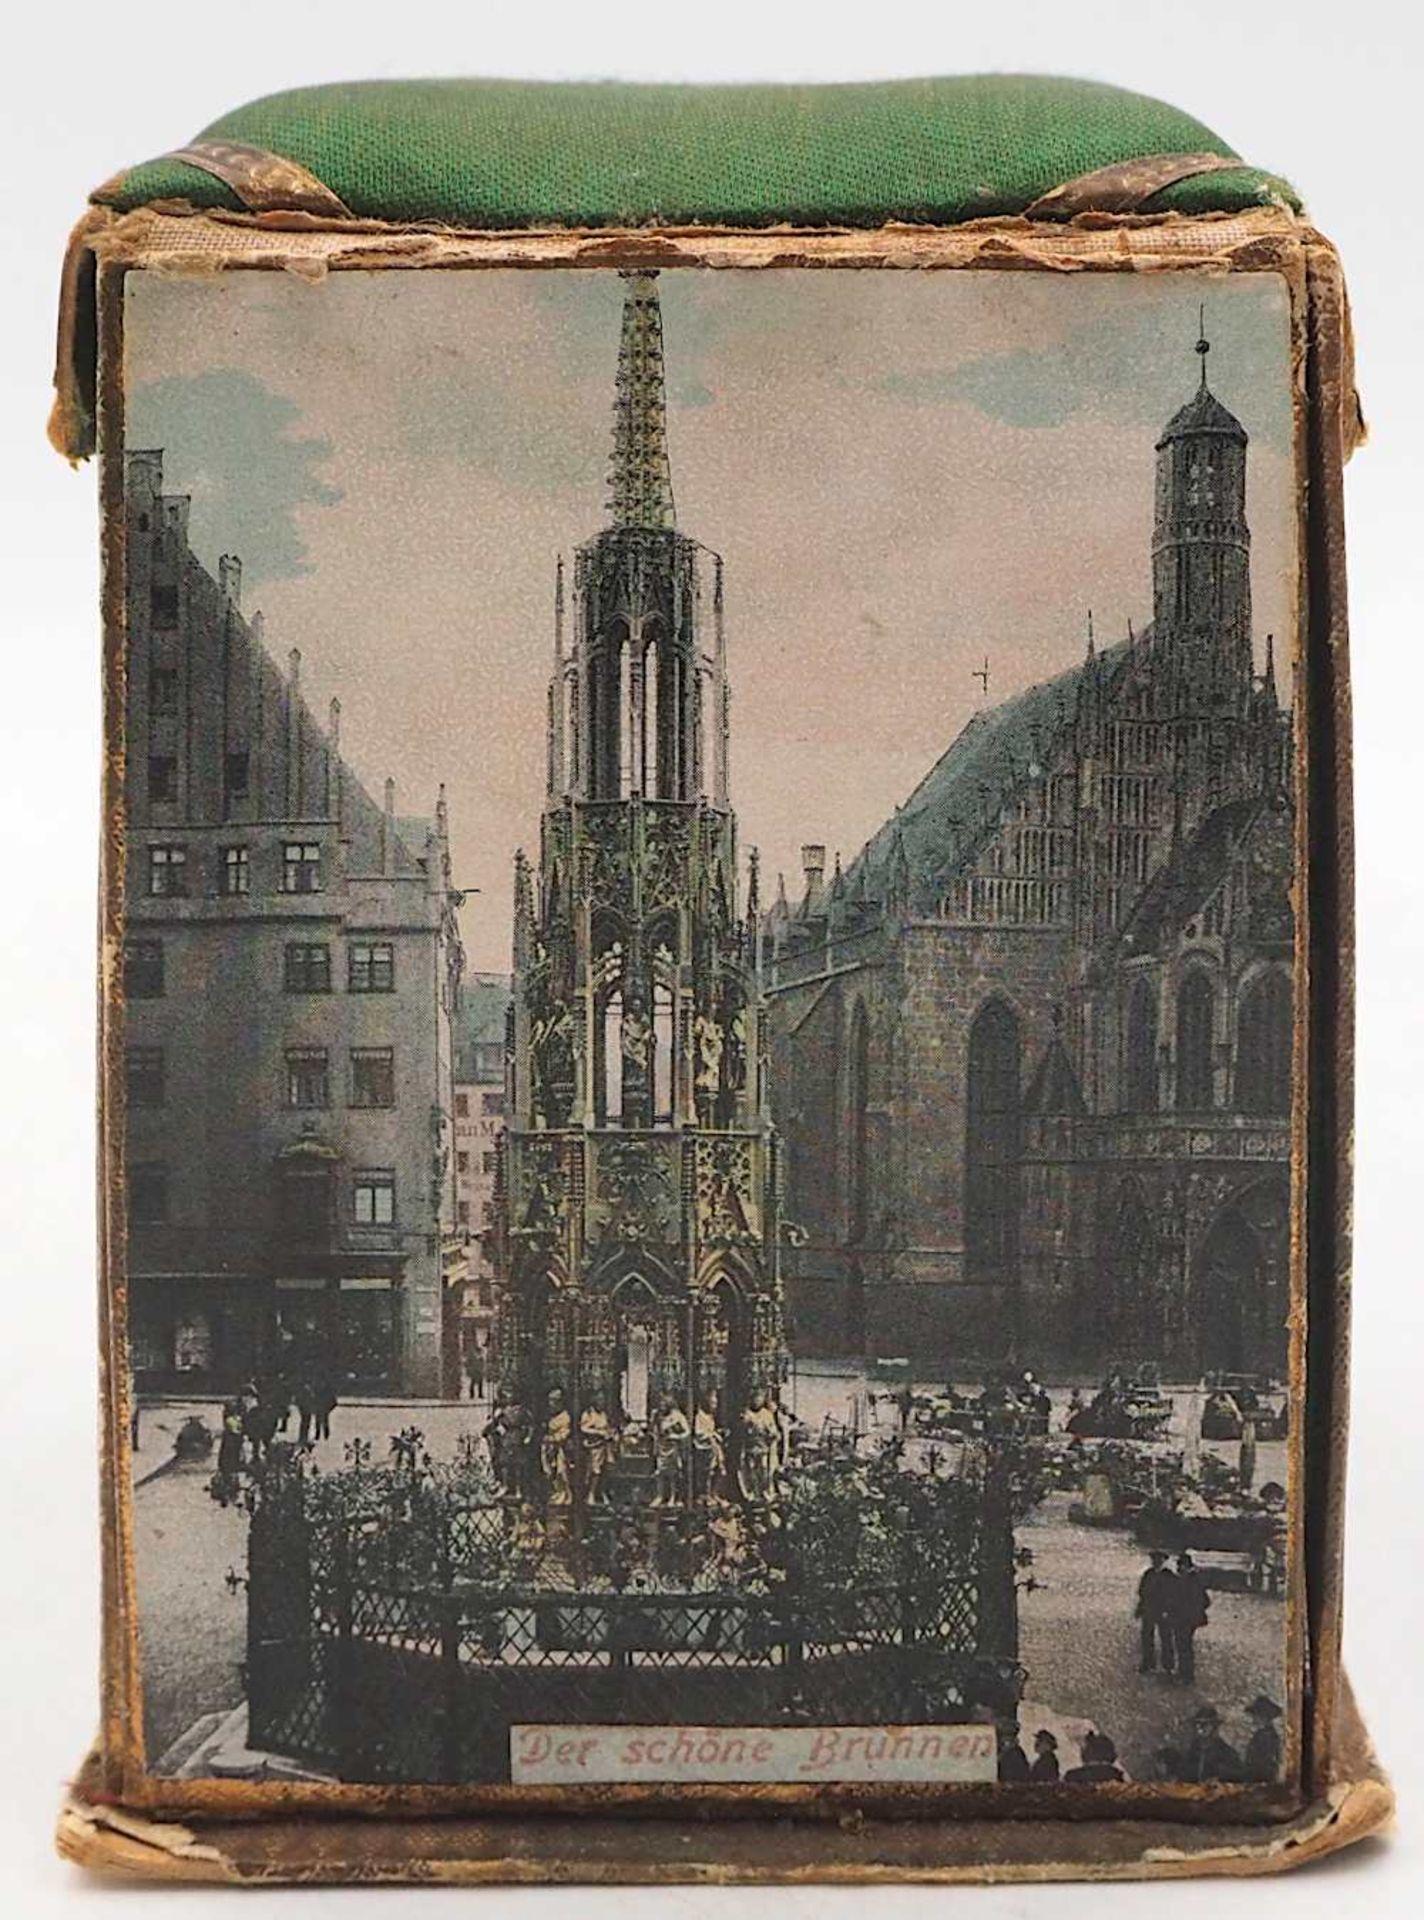 1 Reisenähset wohl um 1900 bedruckte Pappe/Stoff, aufklappbar, auf Wandung Nürnberge - Bild 4 aus 5